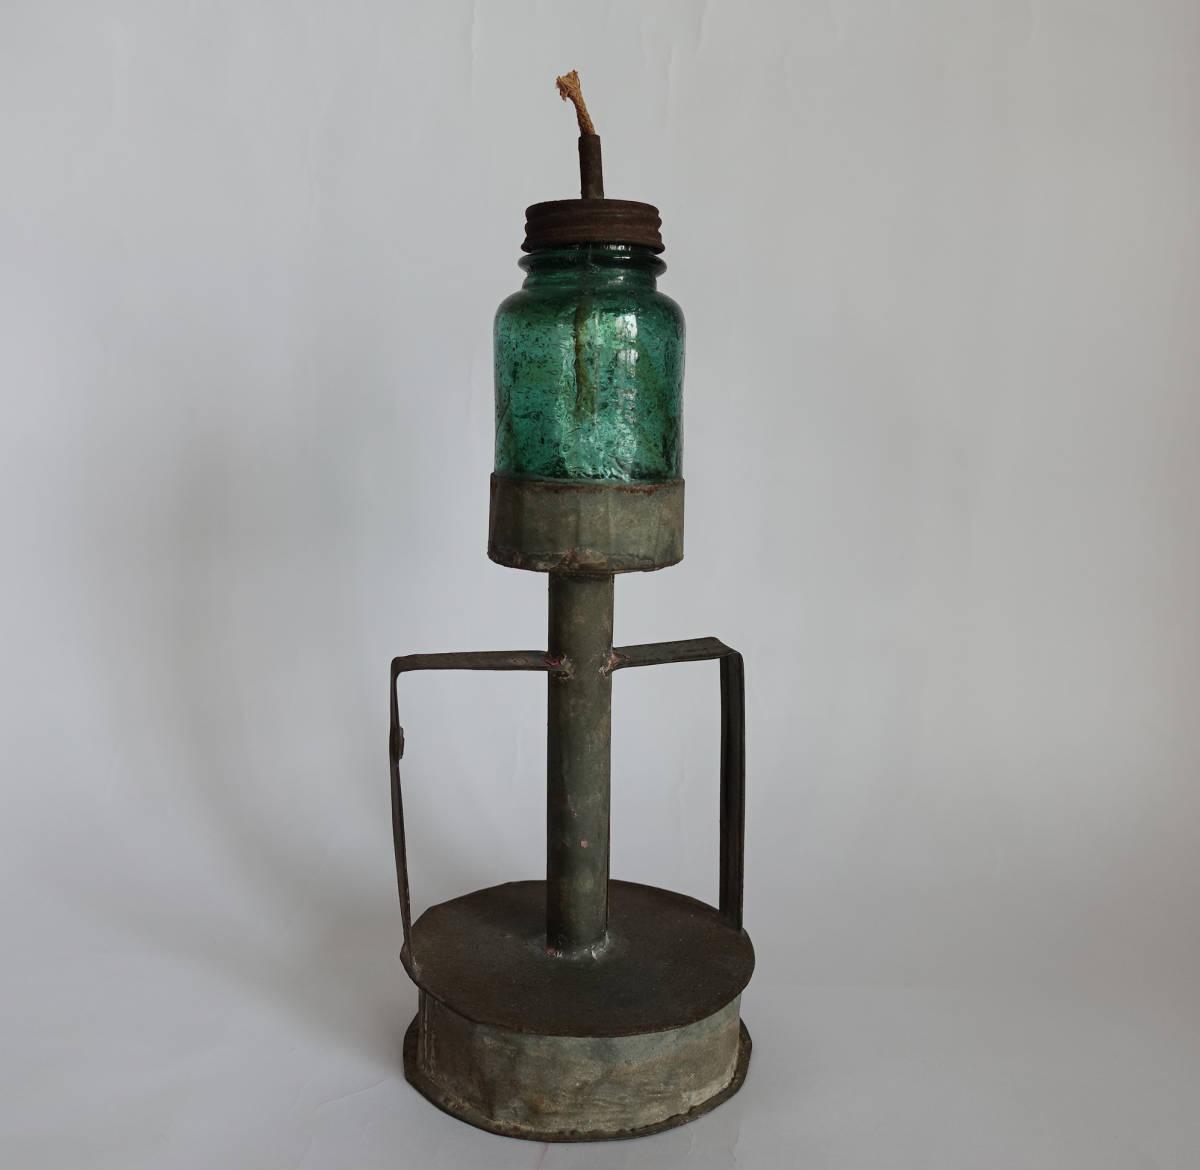 イギリス購入 アンティーク ブリキ 気泡 ガラス 硝子 ランプ オイル ランタン ヴィンテージ グリーン 古道具坂田 インダストリアル 骨董